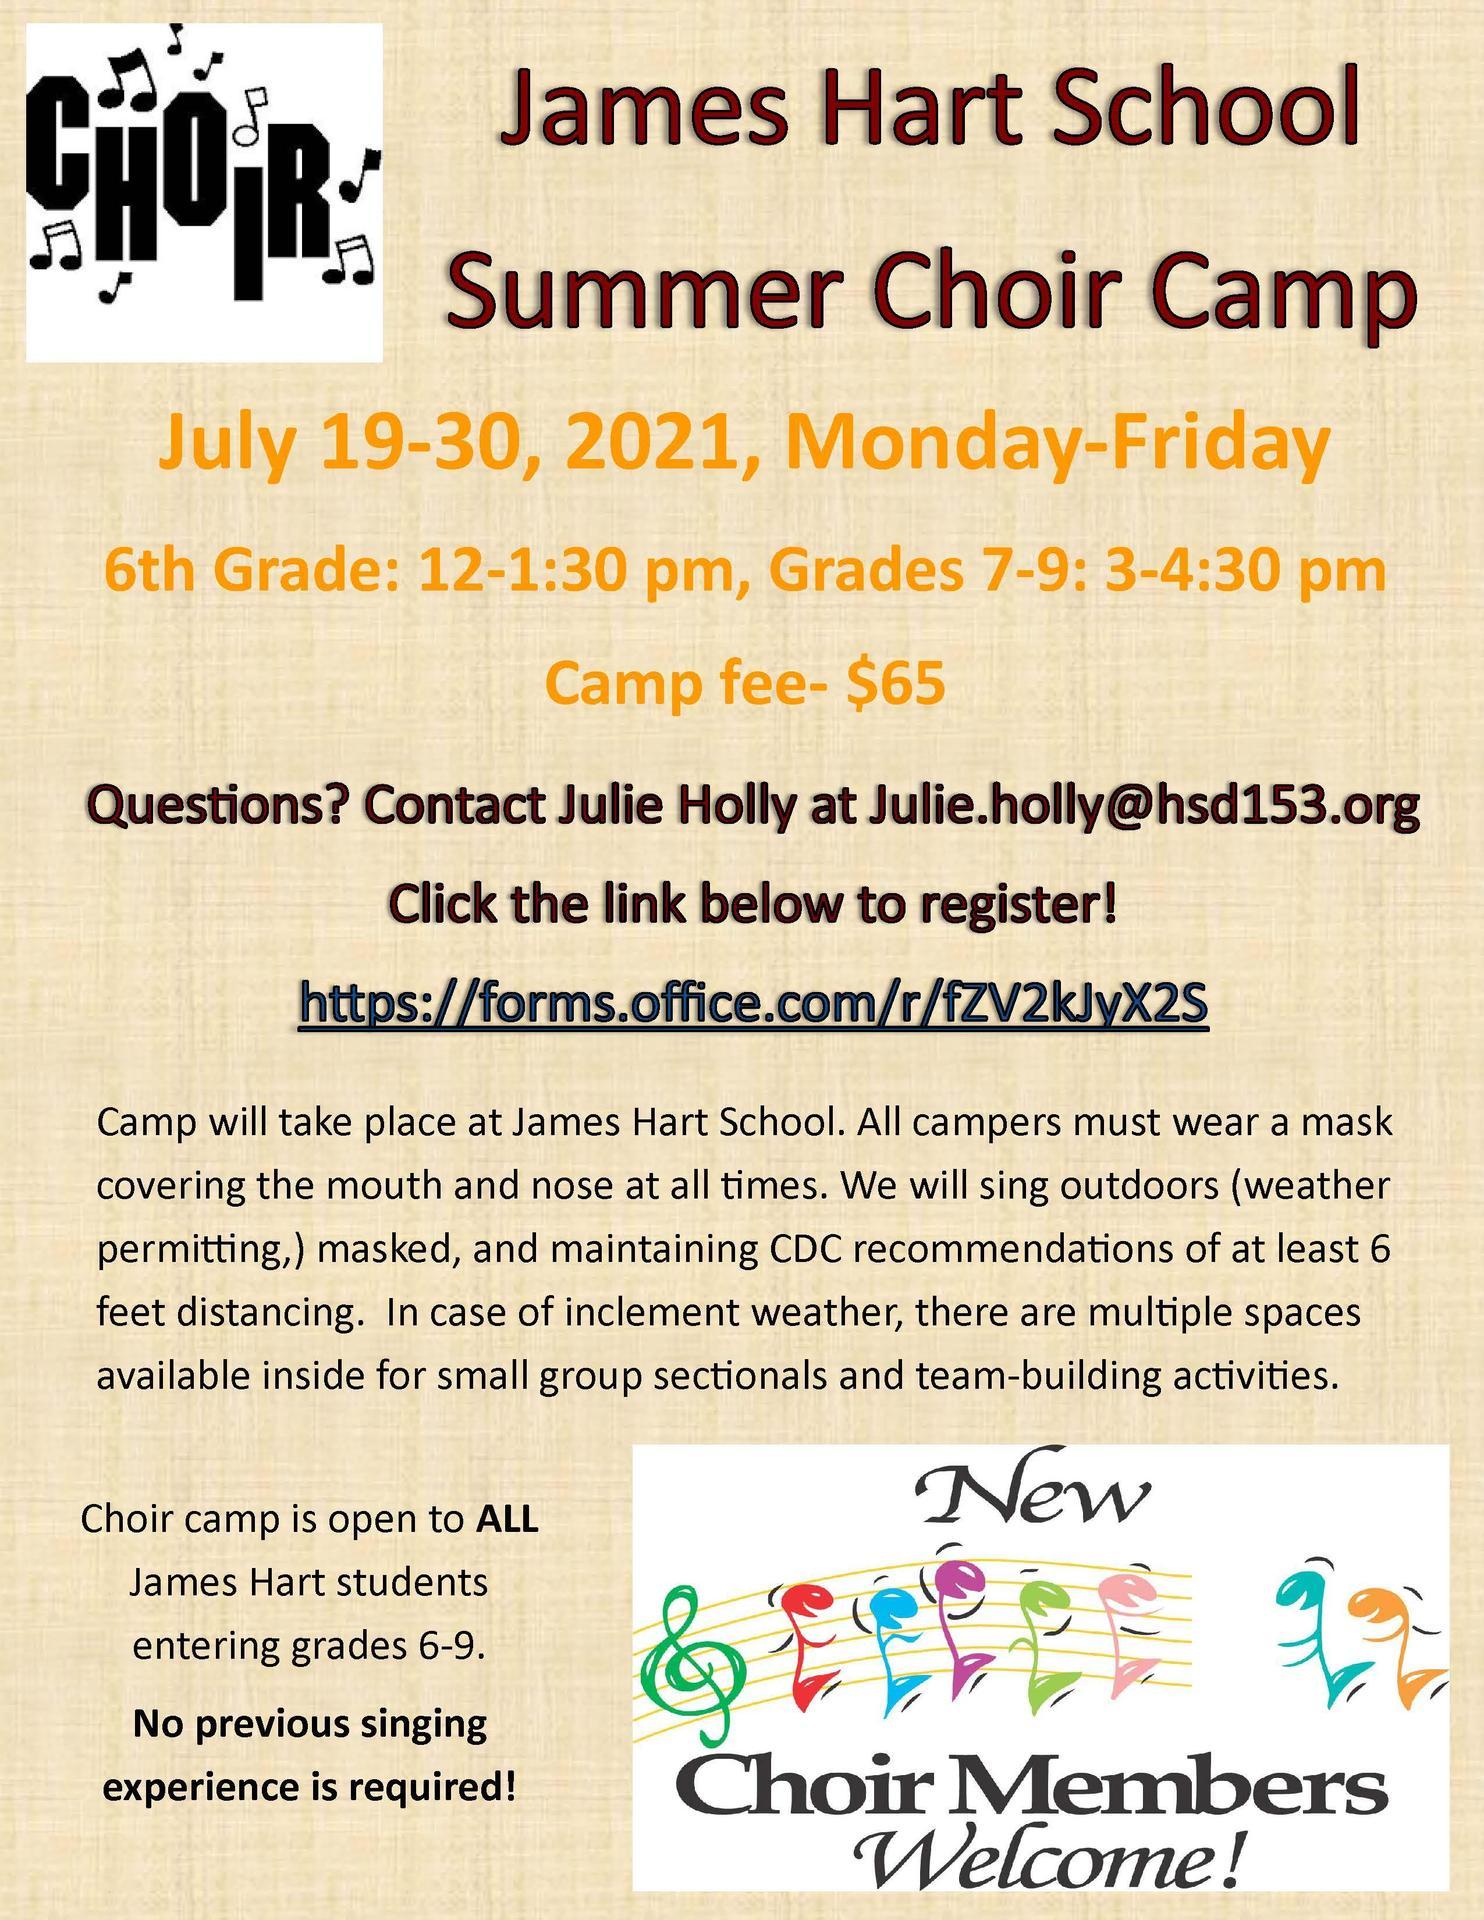 James Hart summer choir camp